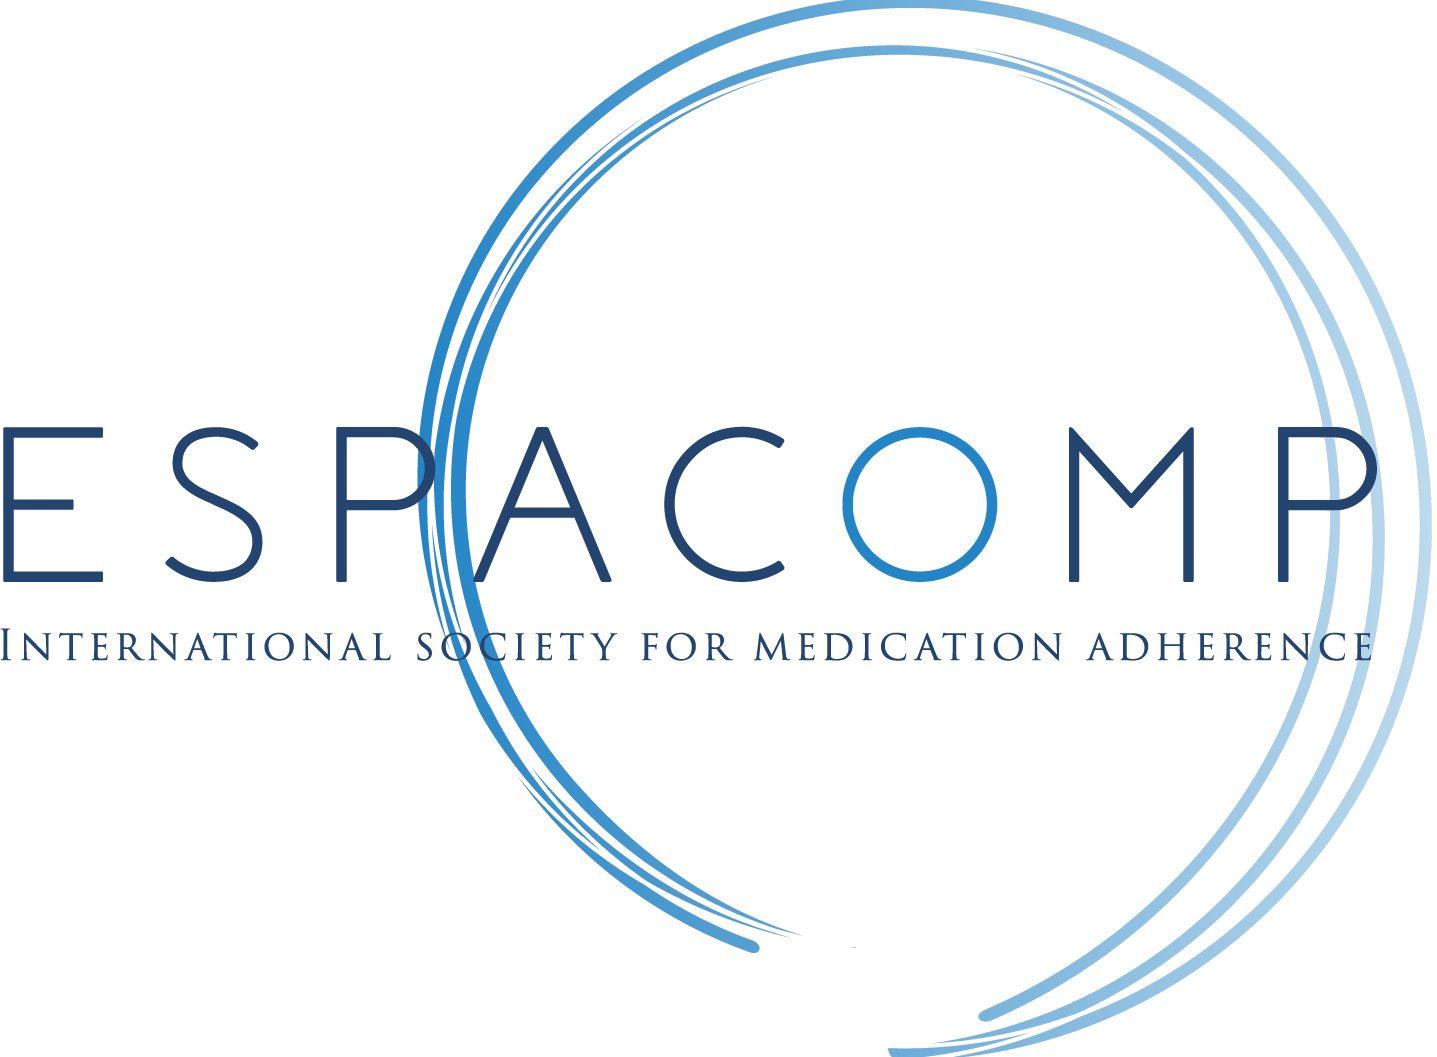 ESPACOMP logo 2020 hi-res